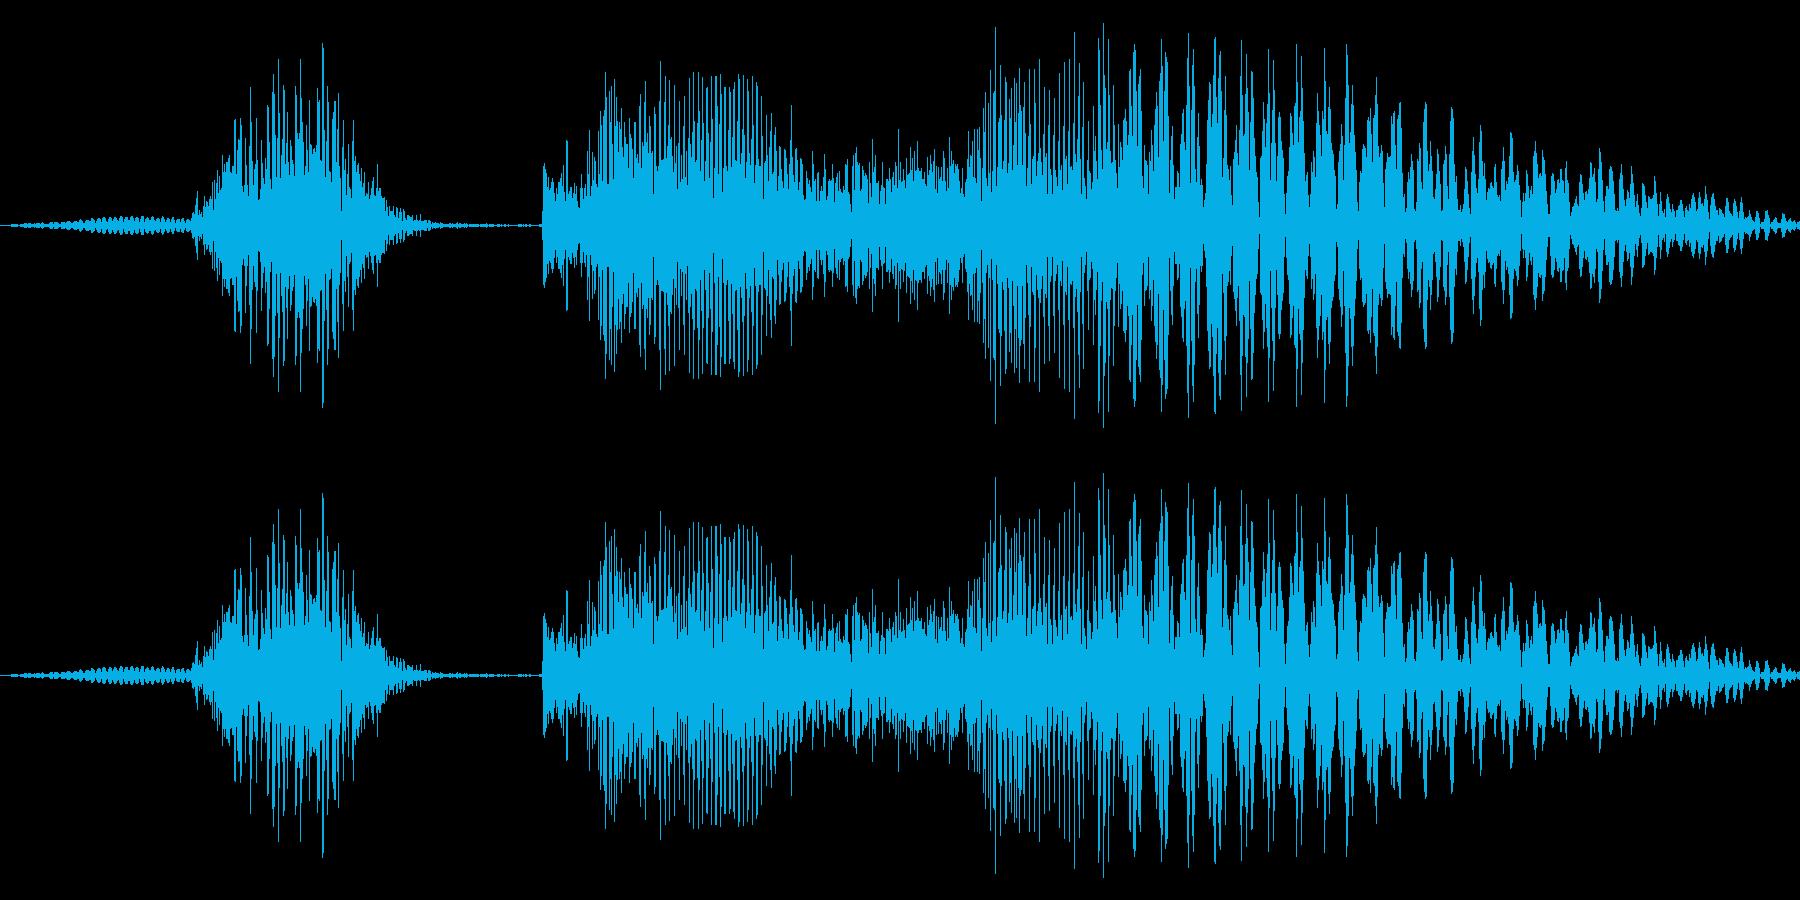 どっこいしょ!!(威勢よく)の再生済みの波形